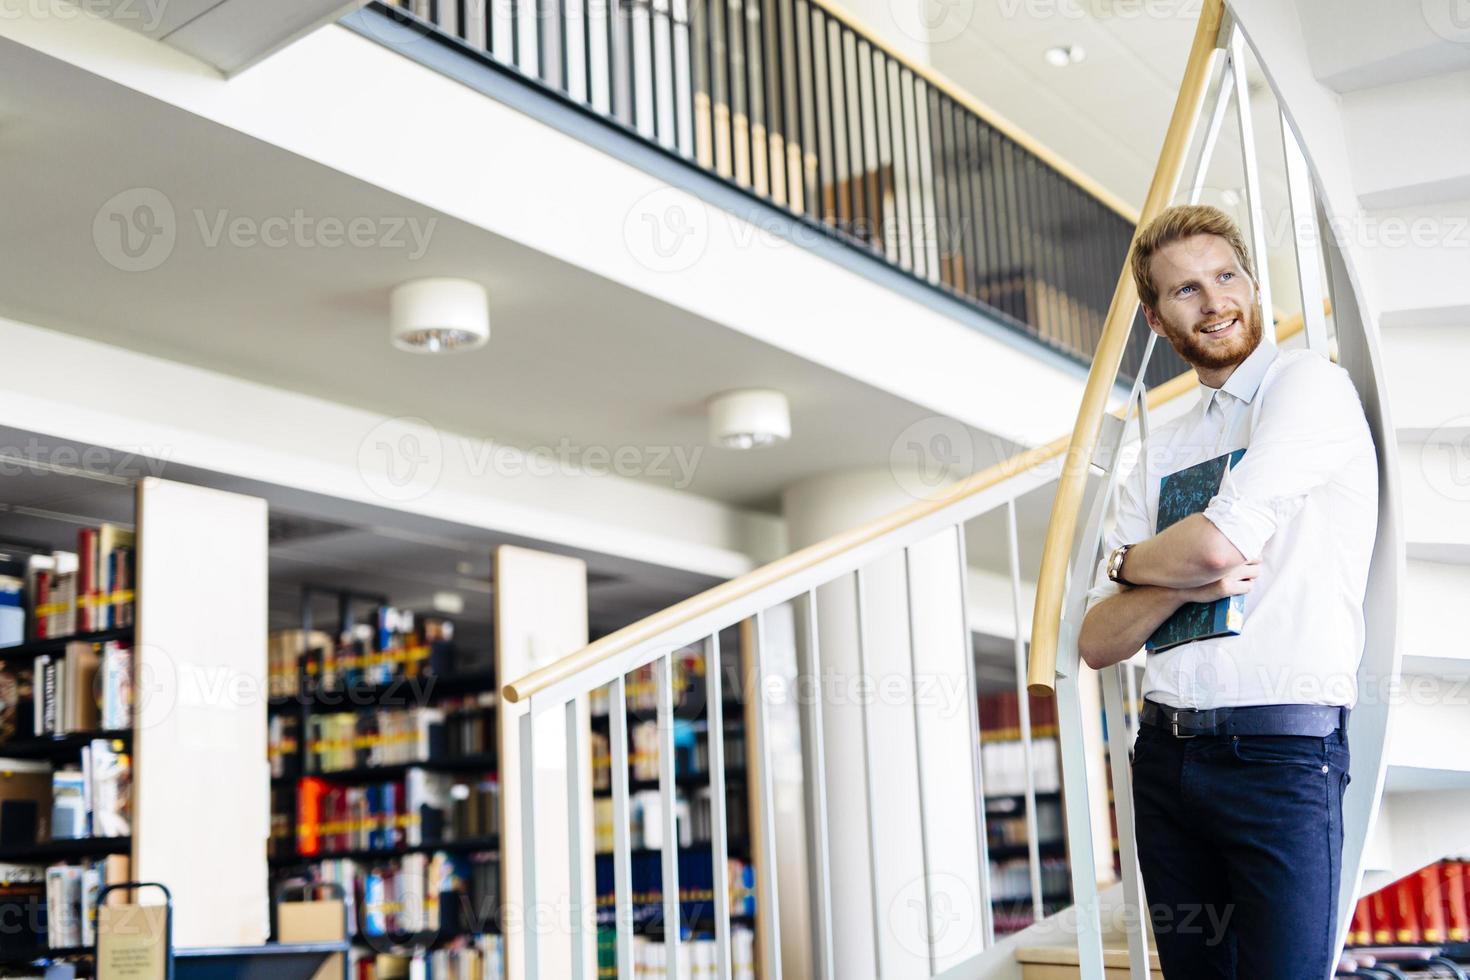 hübscher intelligenter Kerl, der ein Buch in einer Bibliothek liest foto